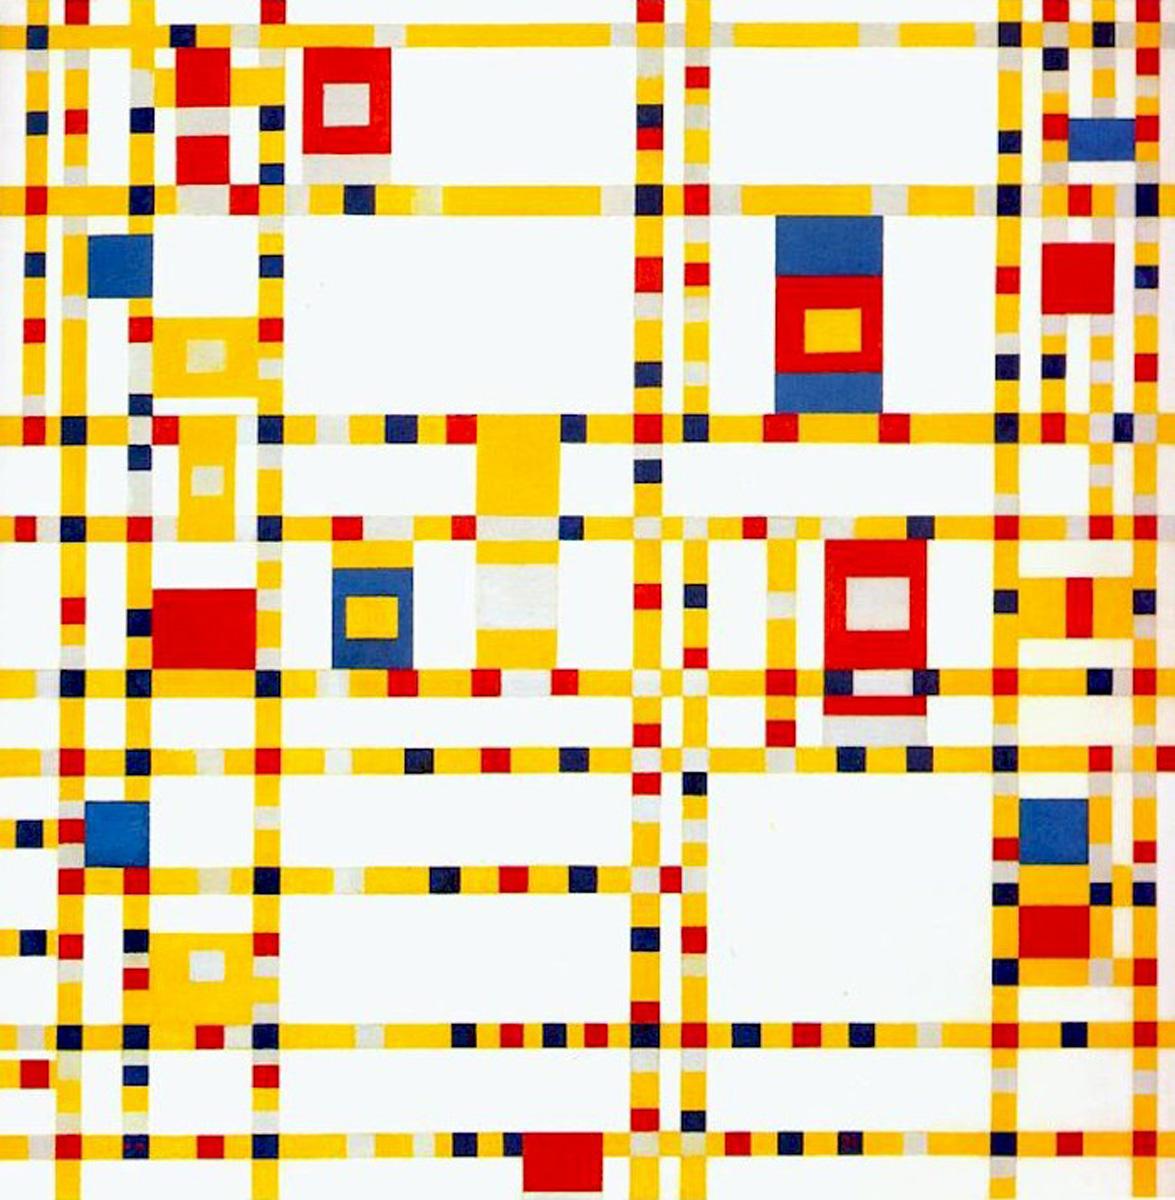 Piet Mondrian, Broadway Boogie-Woogie, 1943